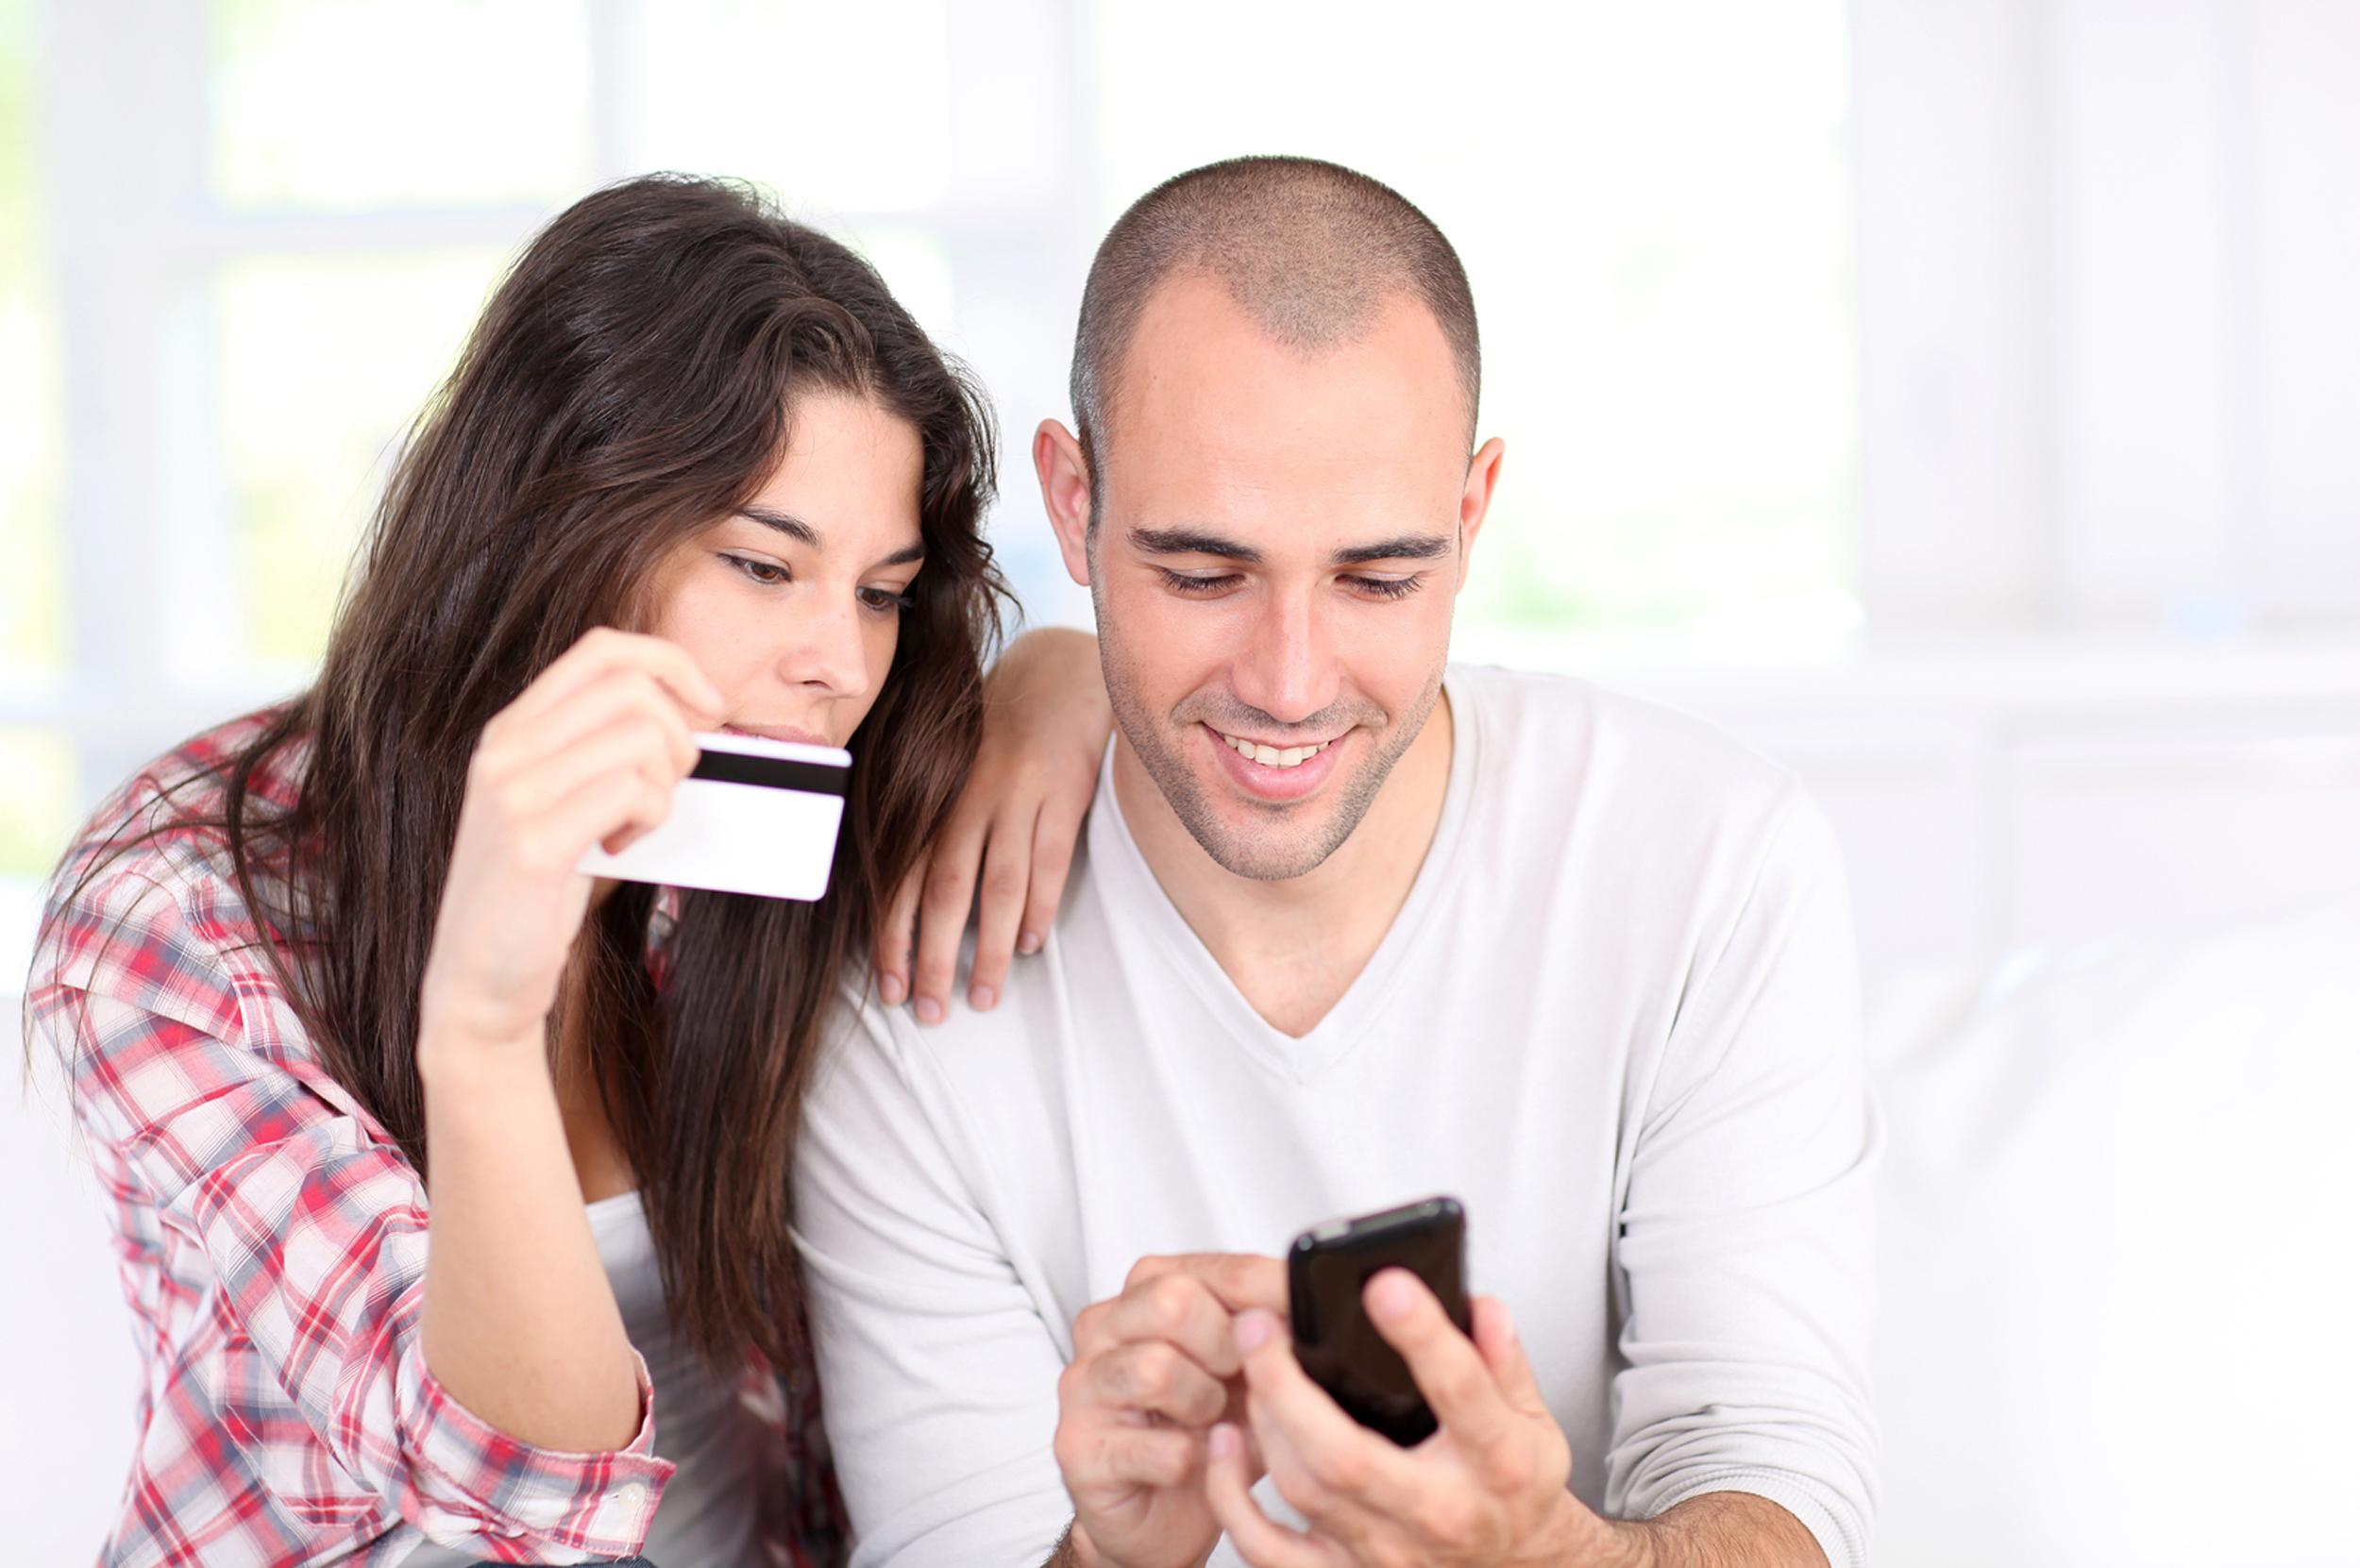 VnnewsPlus.com - Cần làm gì để mua thẻ đt nhà mạng Viettel nhanh?